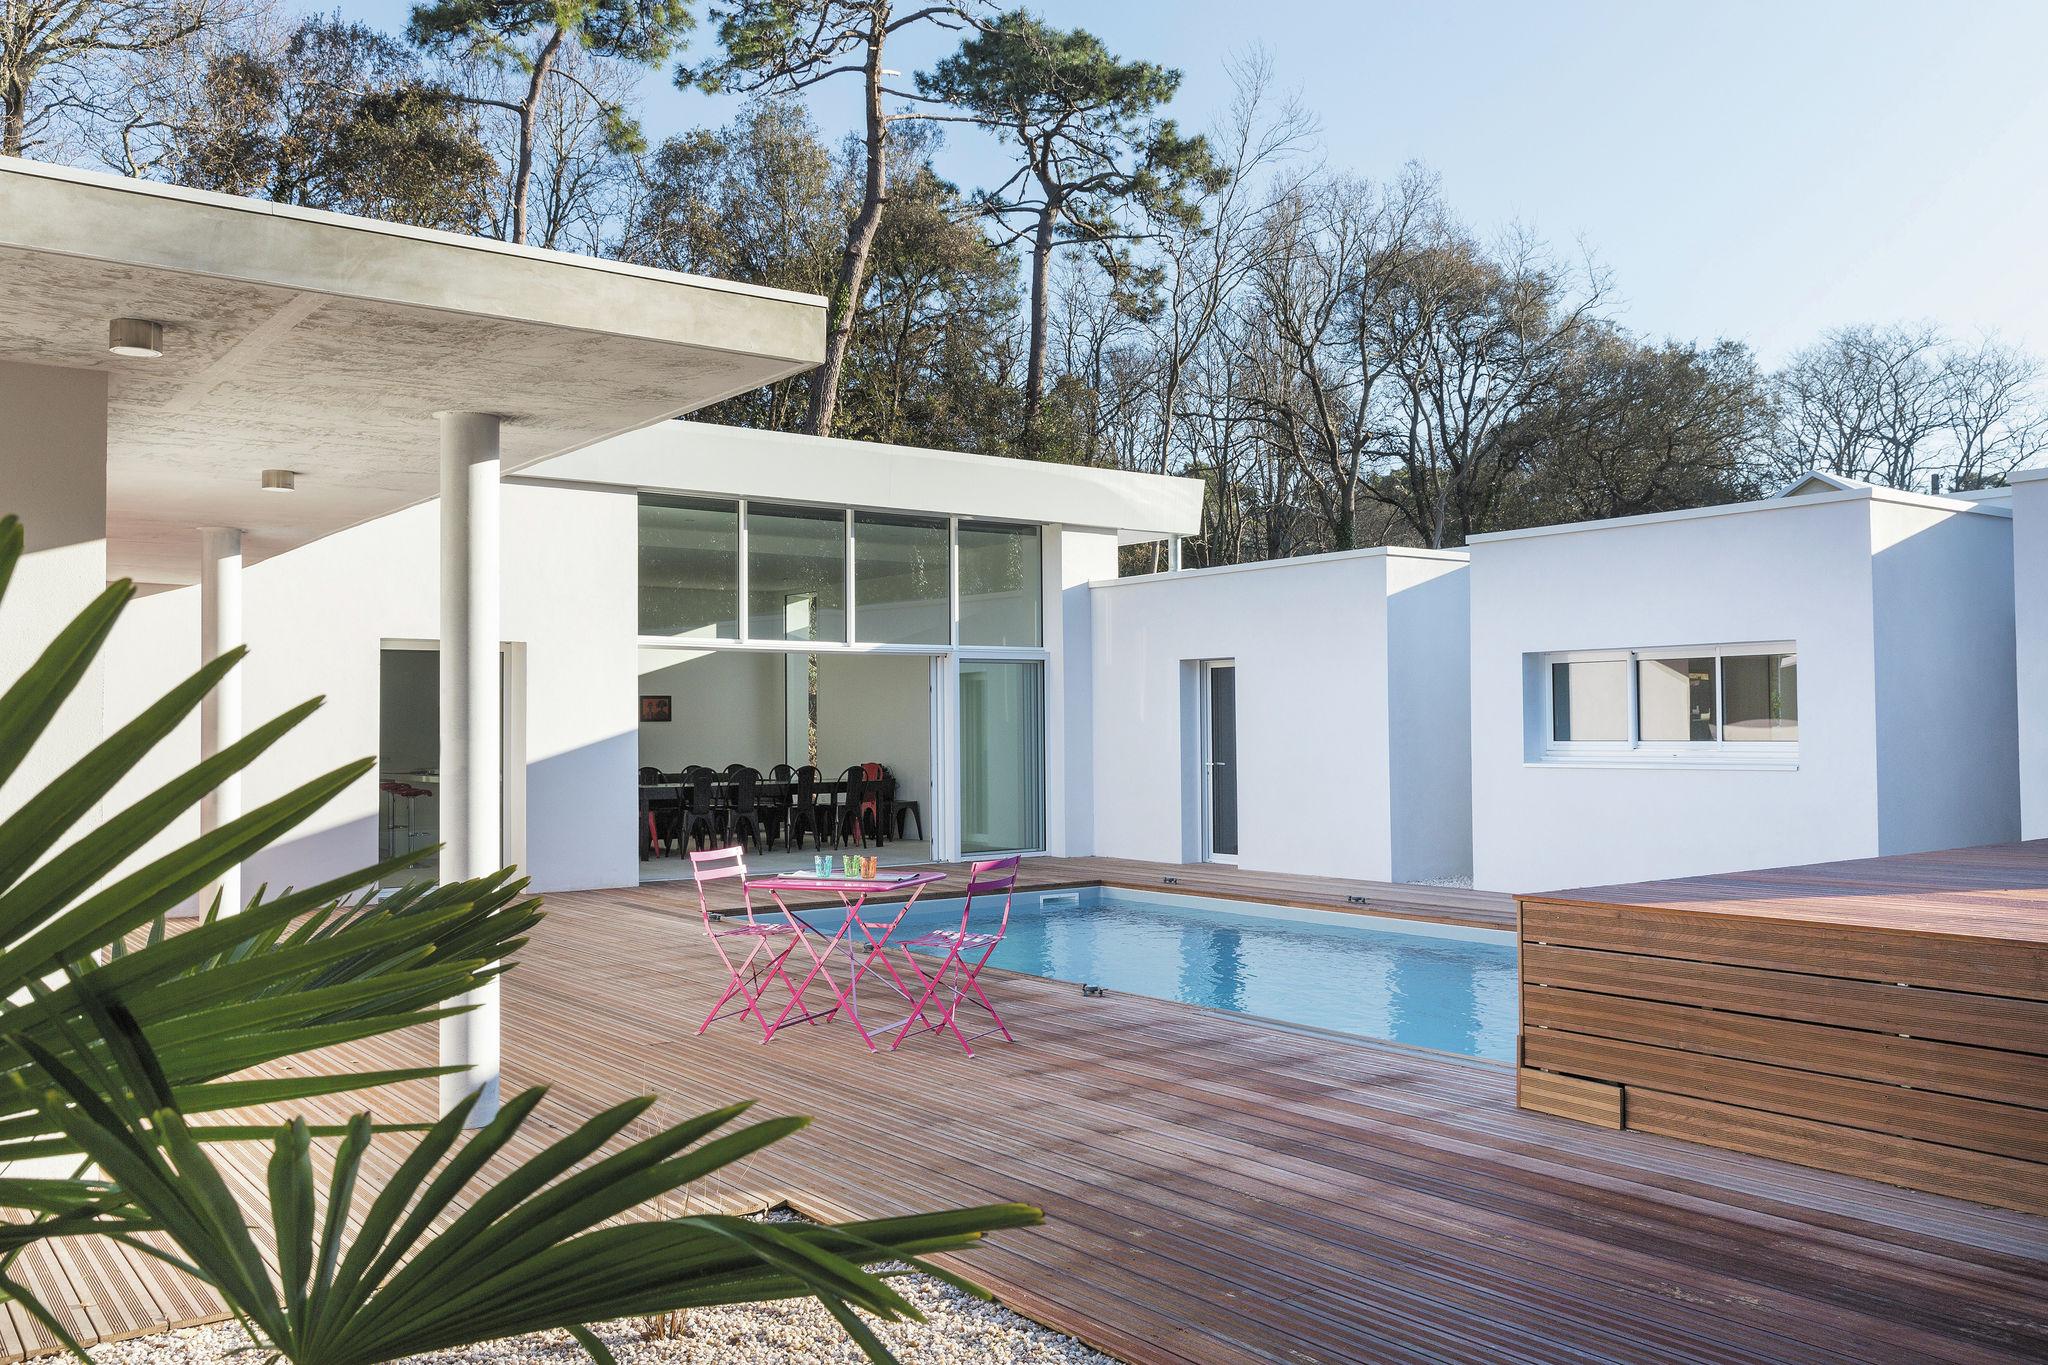 Maison d'architecte piscine et jacuzzi